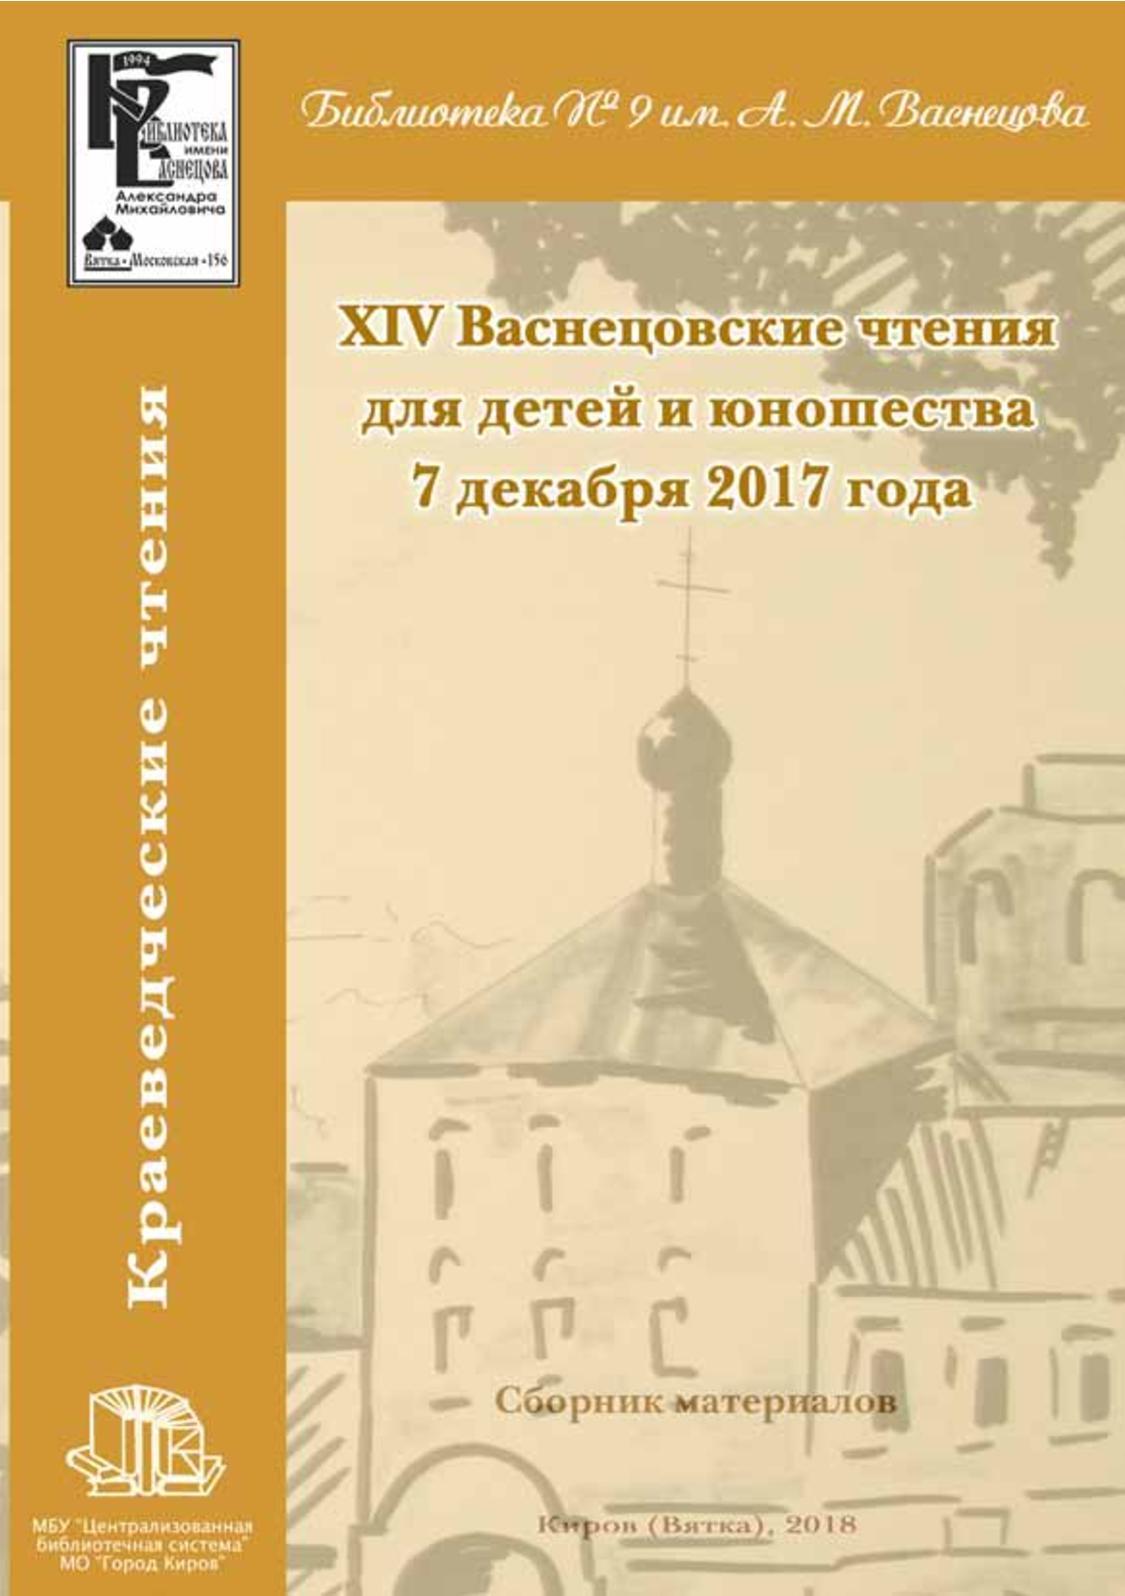 b3da58964dd9 Calaméo - Sayt Vasnetsovskie 14